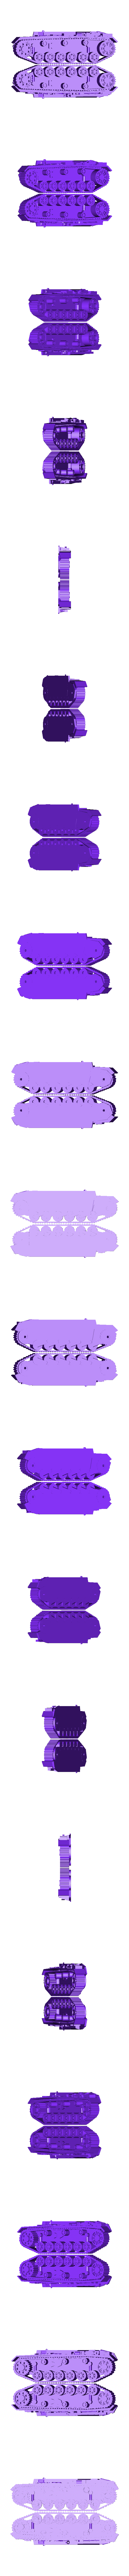 pz3-g-tracks.stl Télécharger fichier STL gratuit Panzer 3 G 28mm divisée/modifiée pour faciliter l'impression et le montage • Modèle pour impression 3D, Ziddan